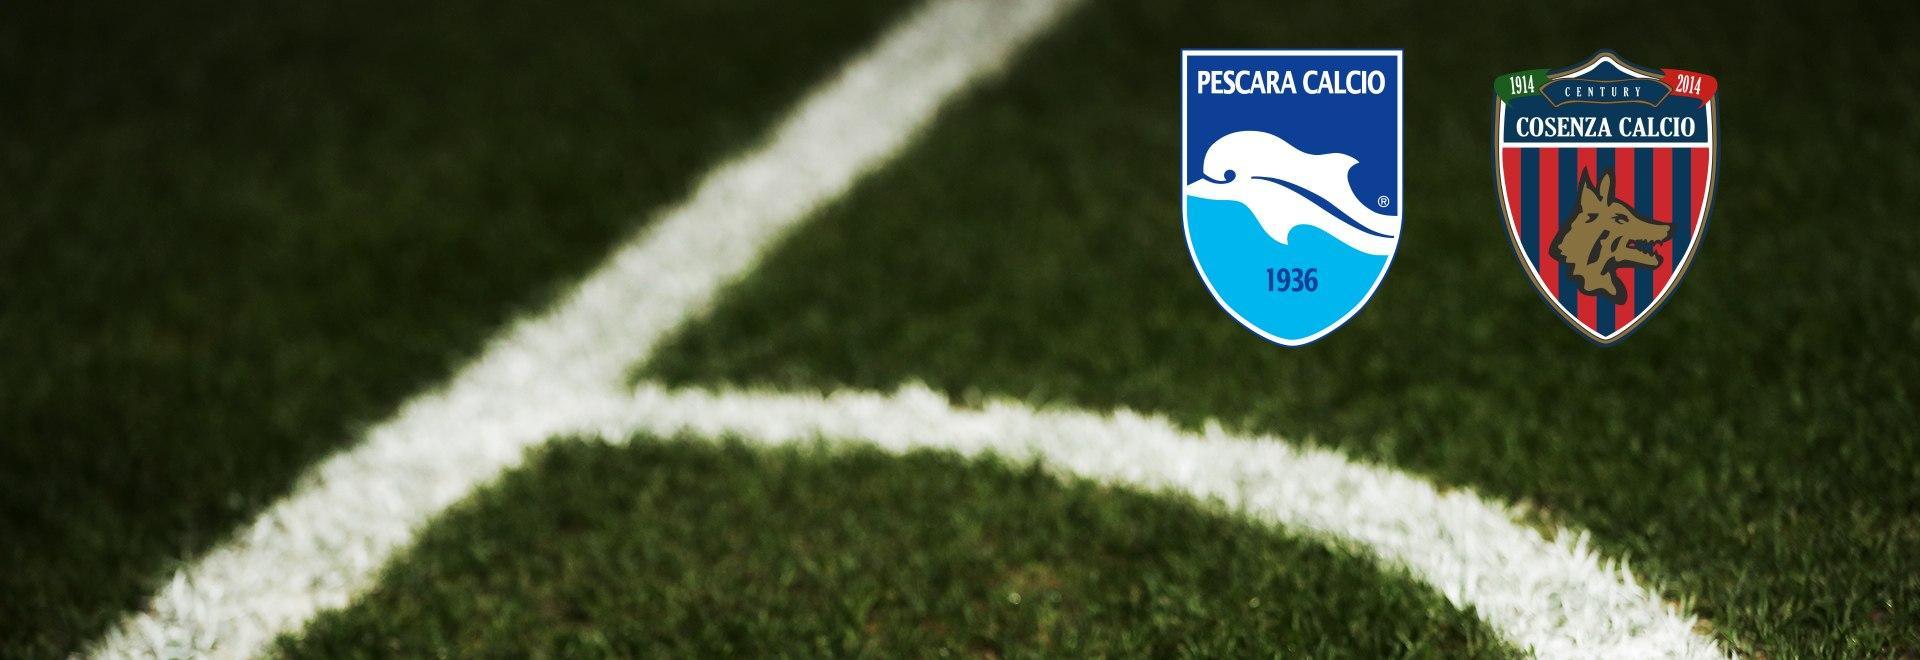 Pescara - Cosenza. 22a g.